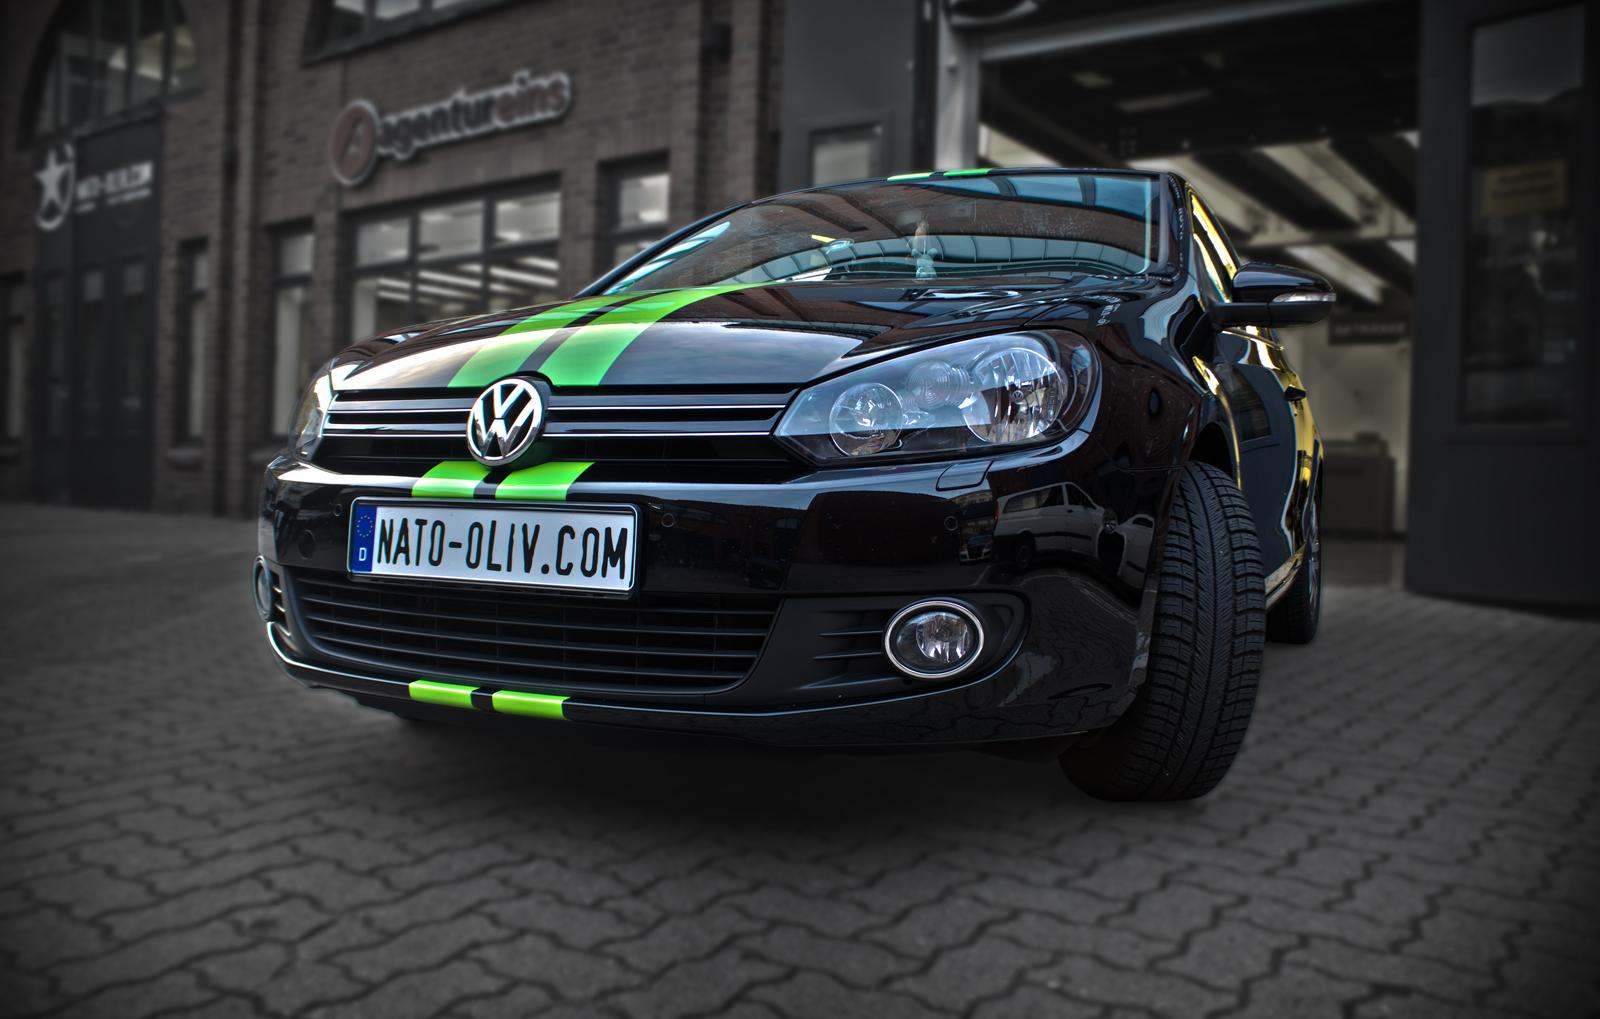 Bei diesem VW Golf wurde ein Rallye-Streifen in knall Grün beklebt.